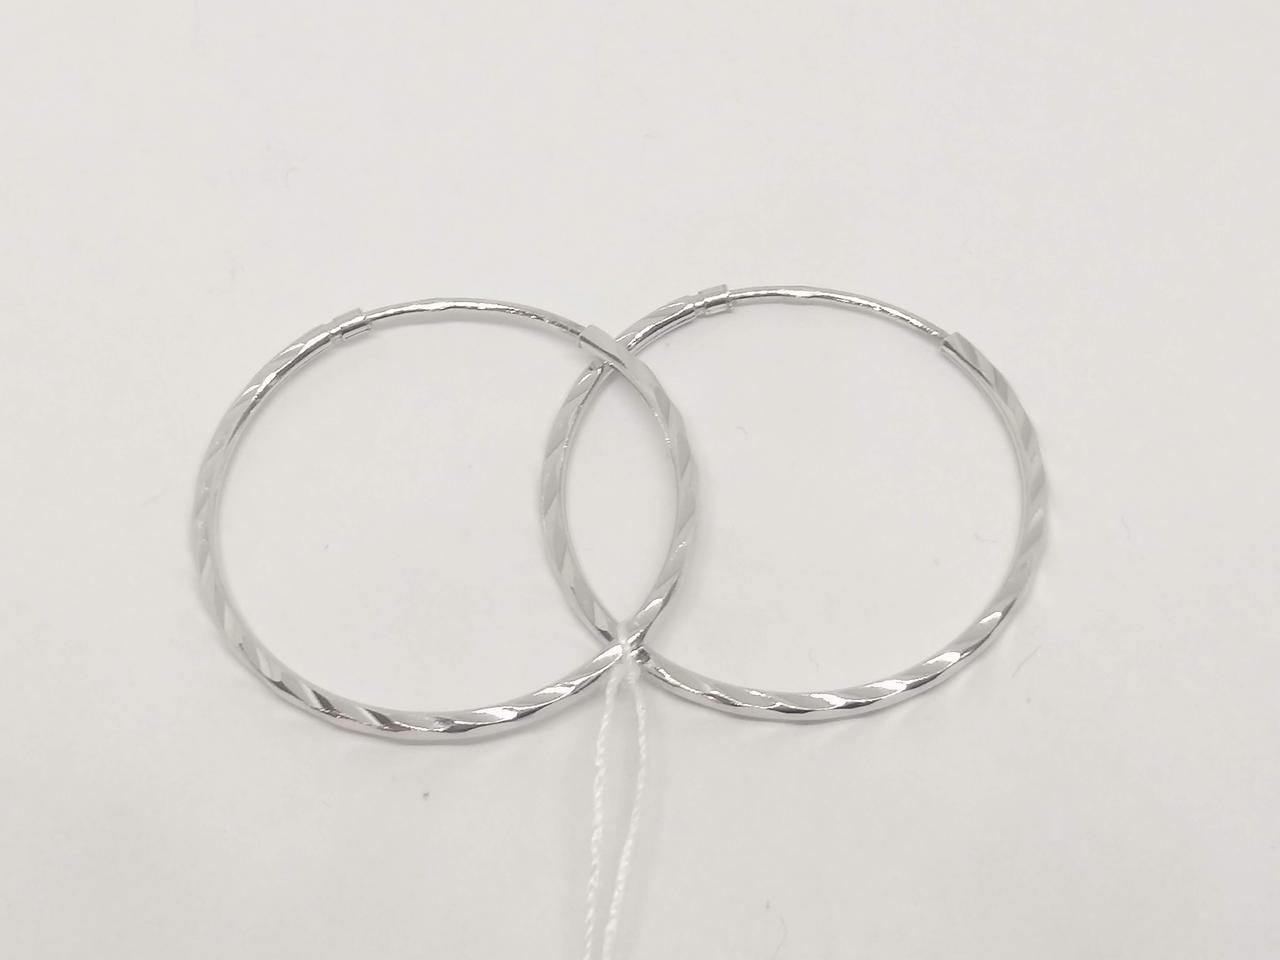 Серебряные серьги с алмазной гранью. Артикул 30АР3